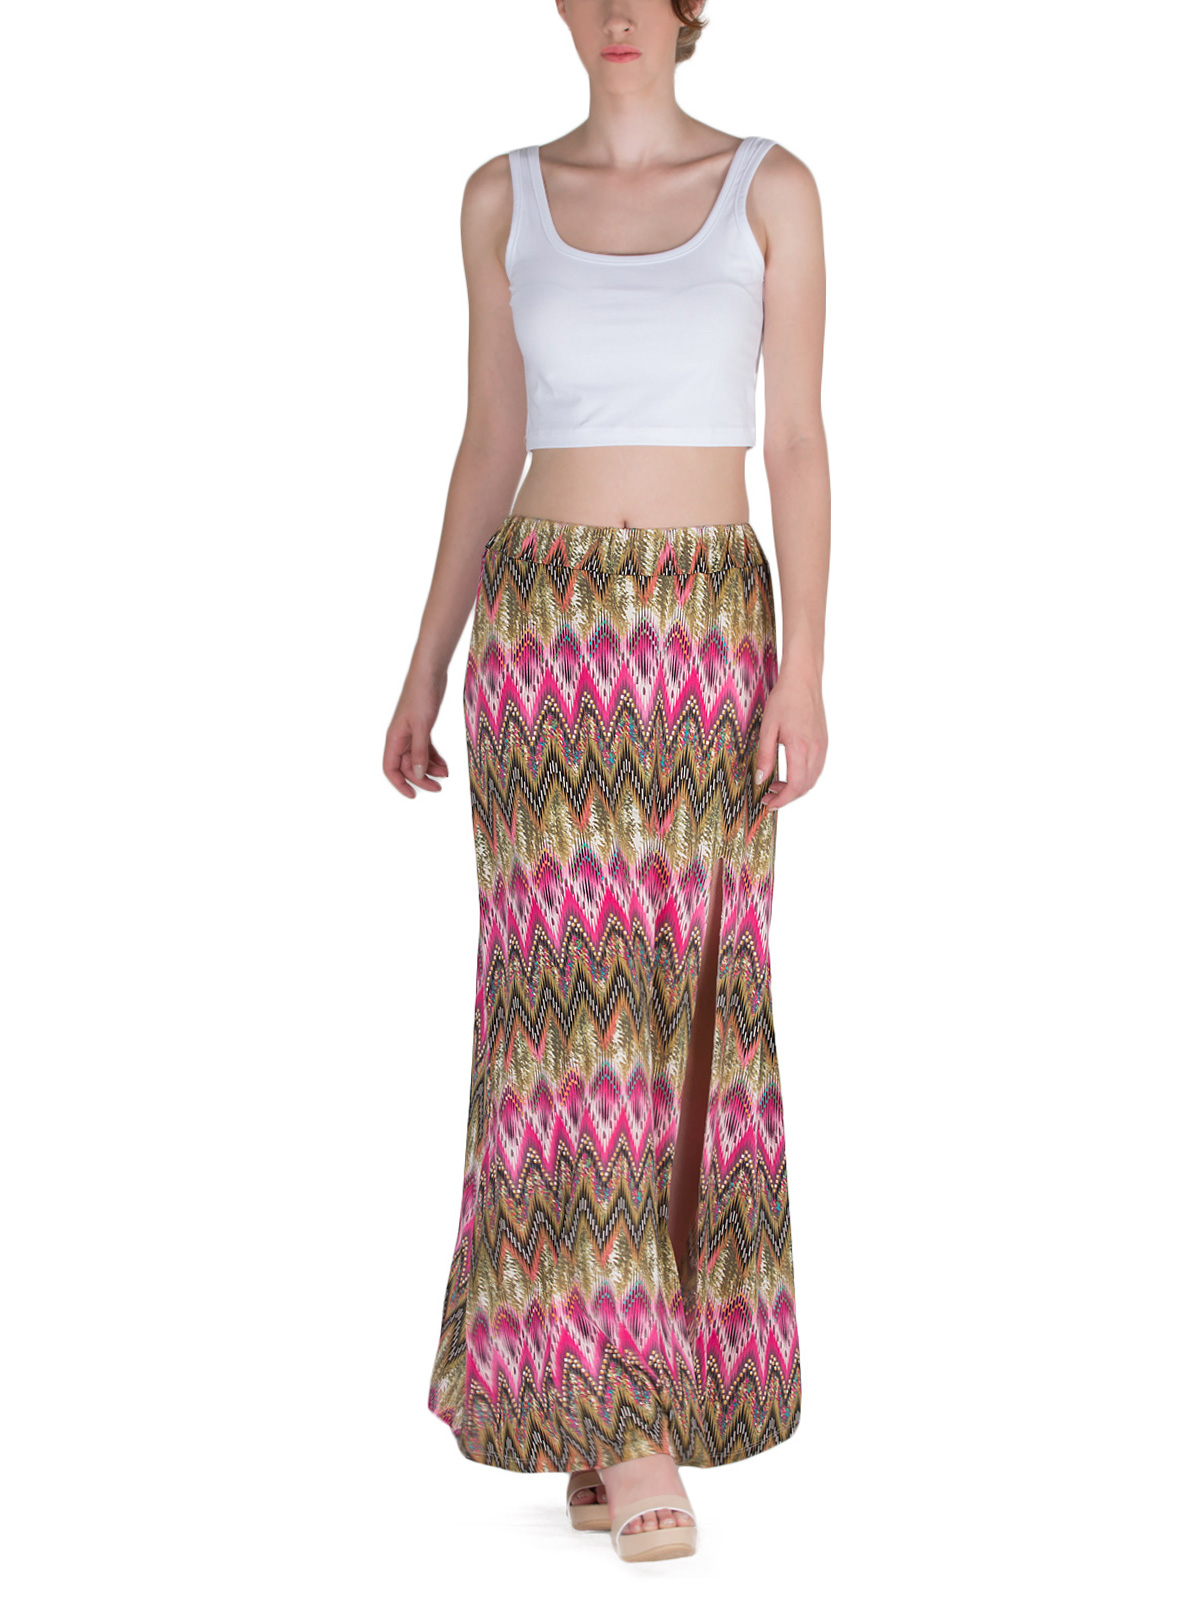 Μάξι Φούστα με Σκίσιμο - Tribal Print γυναικεία   φούστες